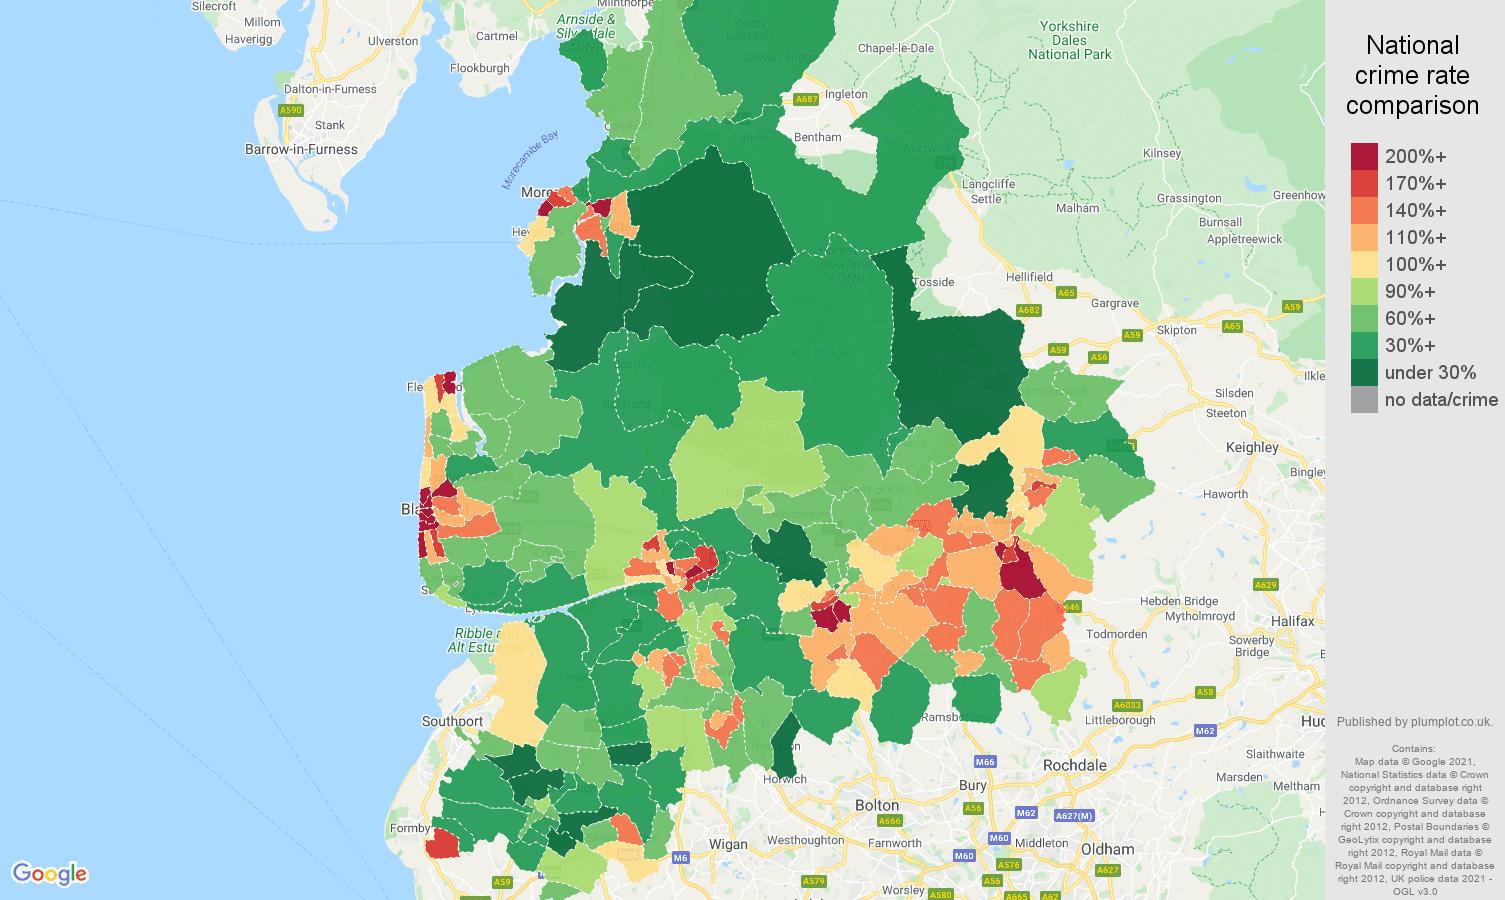 Lancashire violent crime rate comparison map